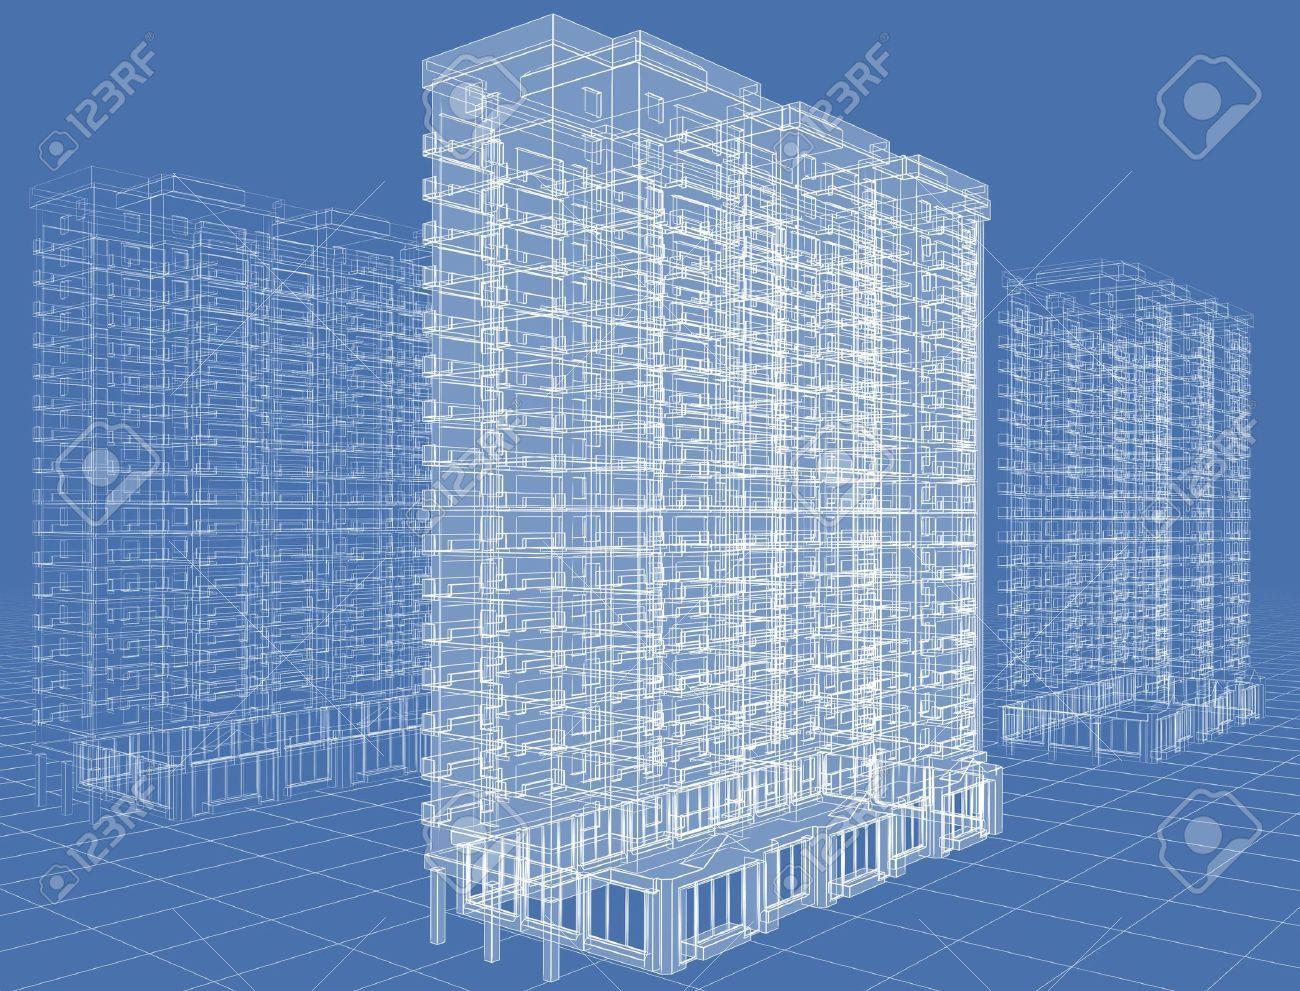 Architecture Blueprints Skyscraper http://www.bedek360.co.il/wp-content/uploads/2014/08/401100607_1